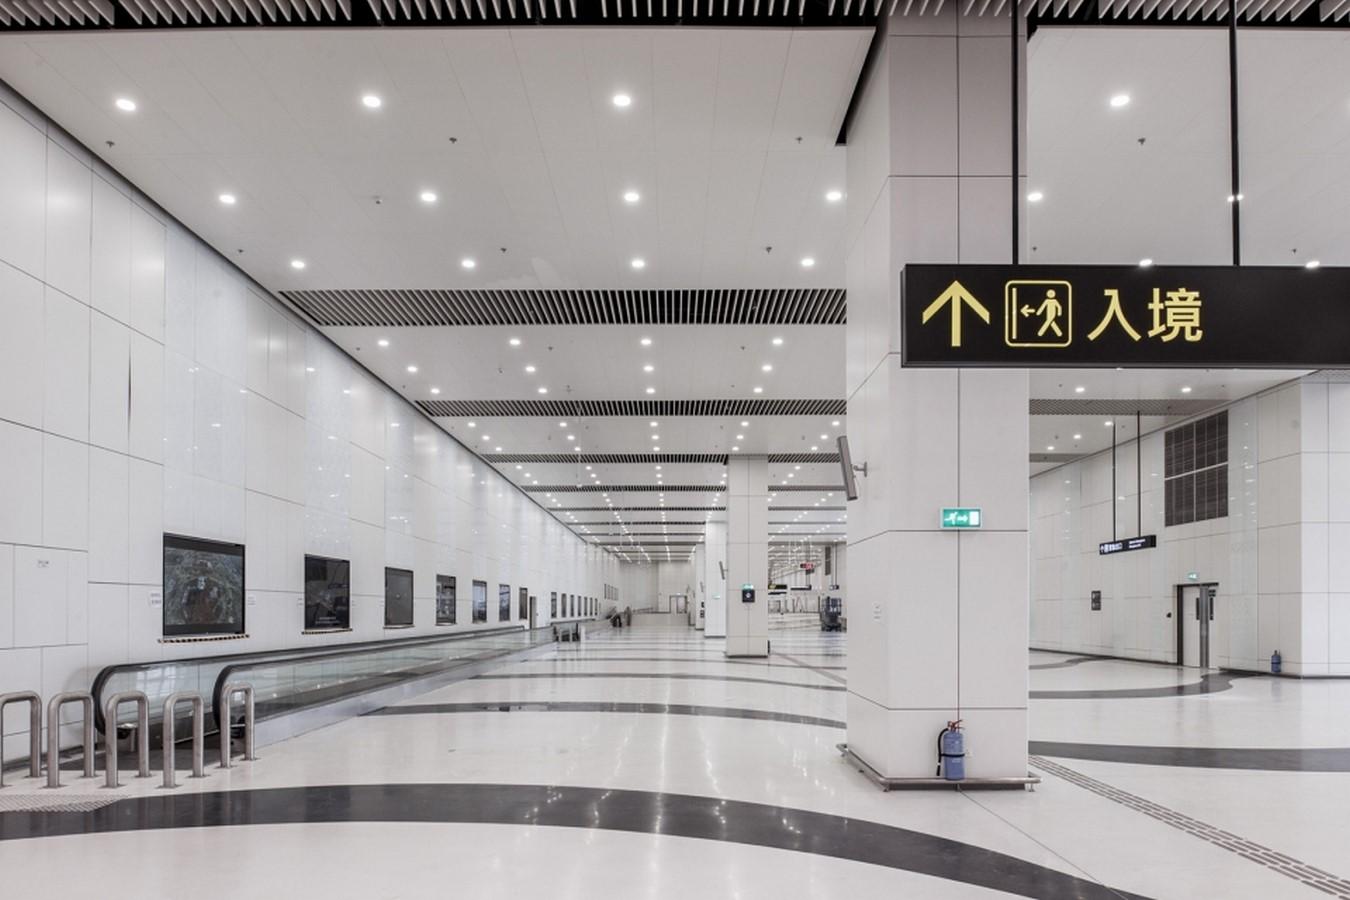 Hong Kong-Zhuhai-Macao Bridge Artificial Island Port by ECADI: The longest open-sea fixed link in the world Sheet13